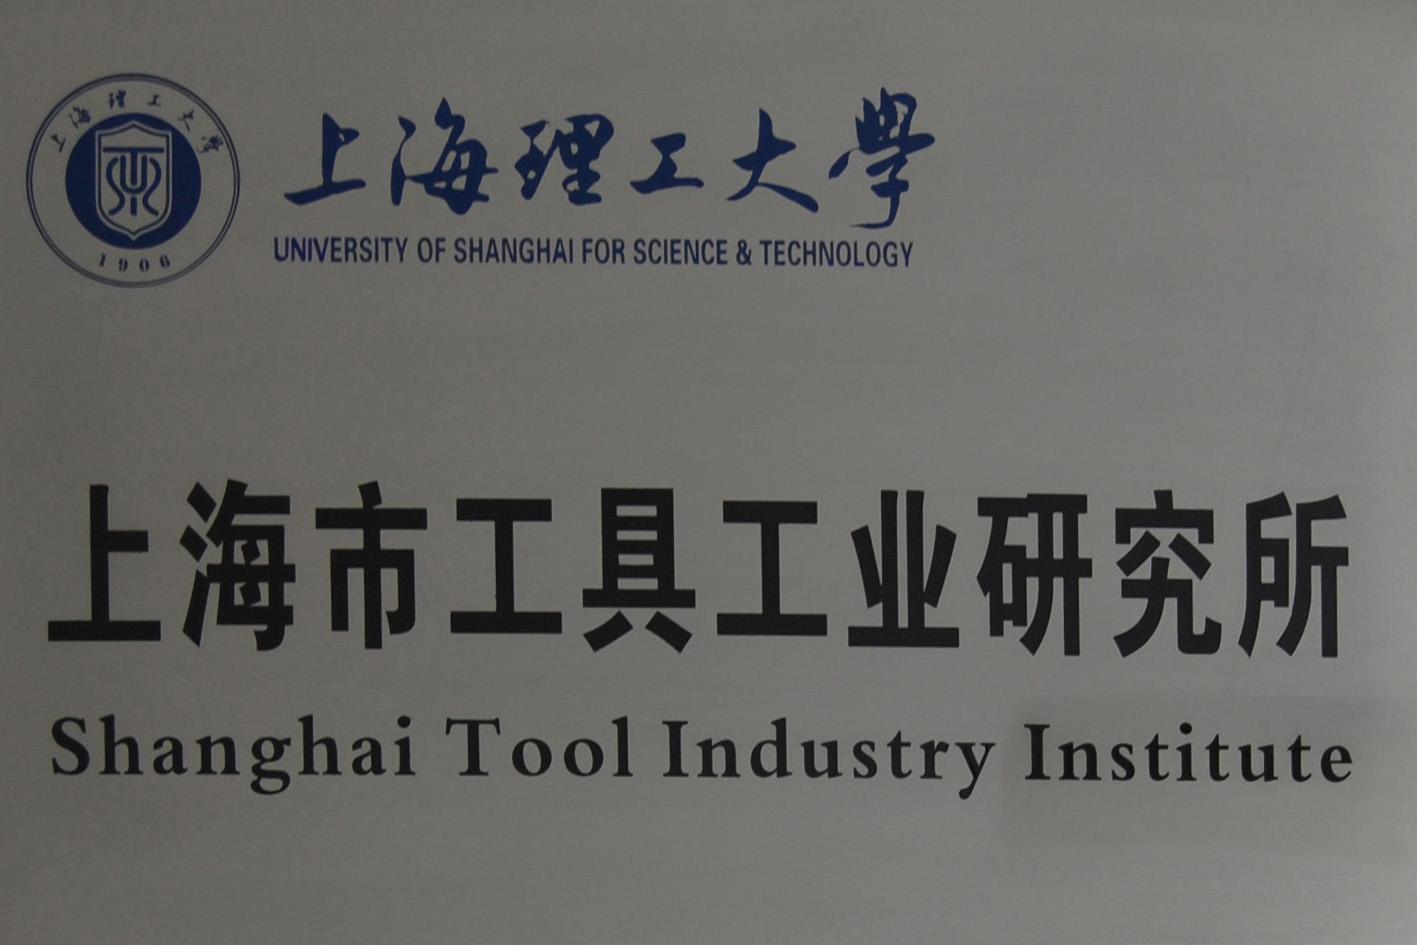 上海beplay苹果版工业研究所